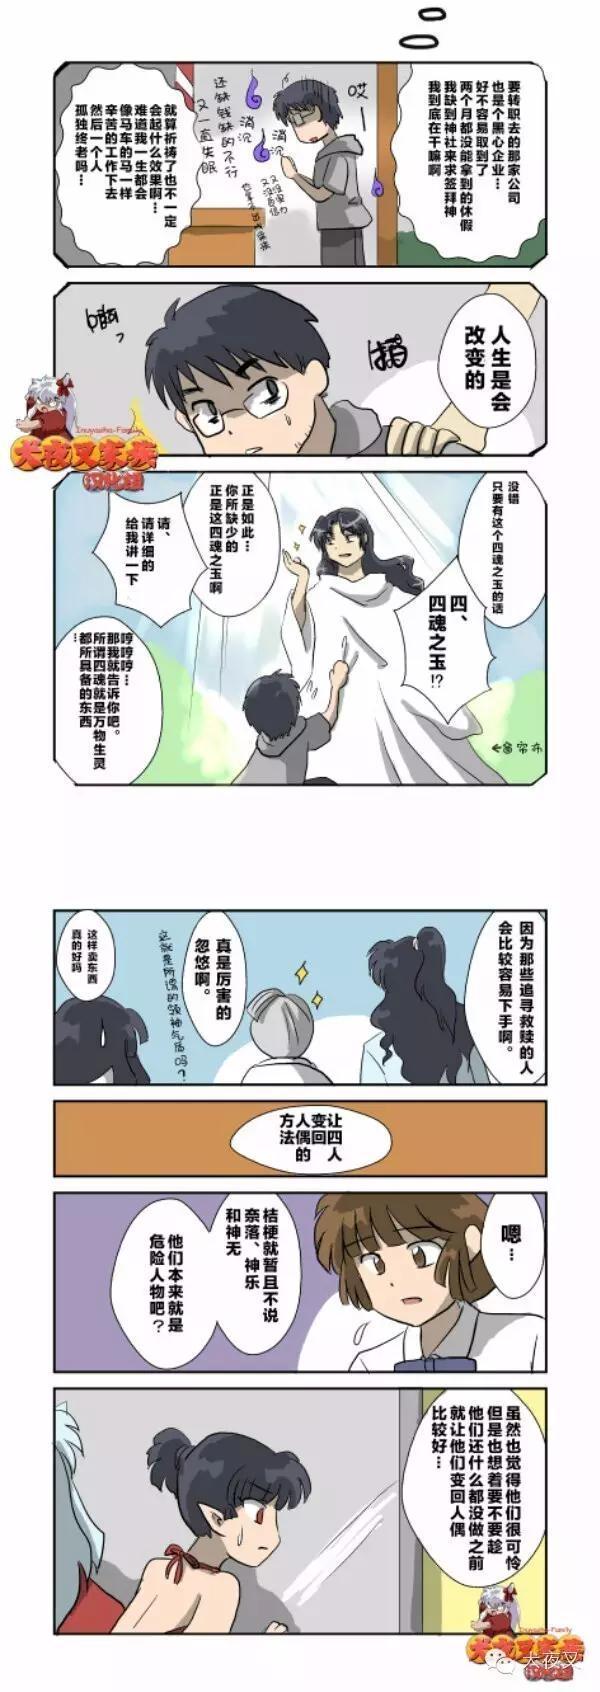 犬夜叉同人漫畫丨靈魂復甦!桔梗奈落在現代甦醒!(5) - 每日頭條